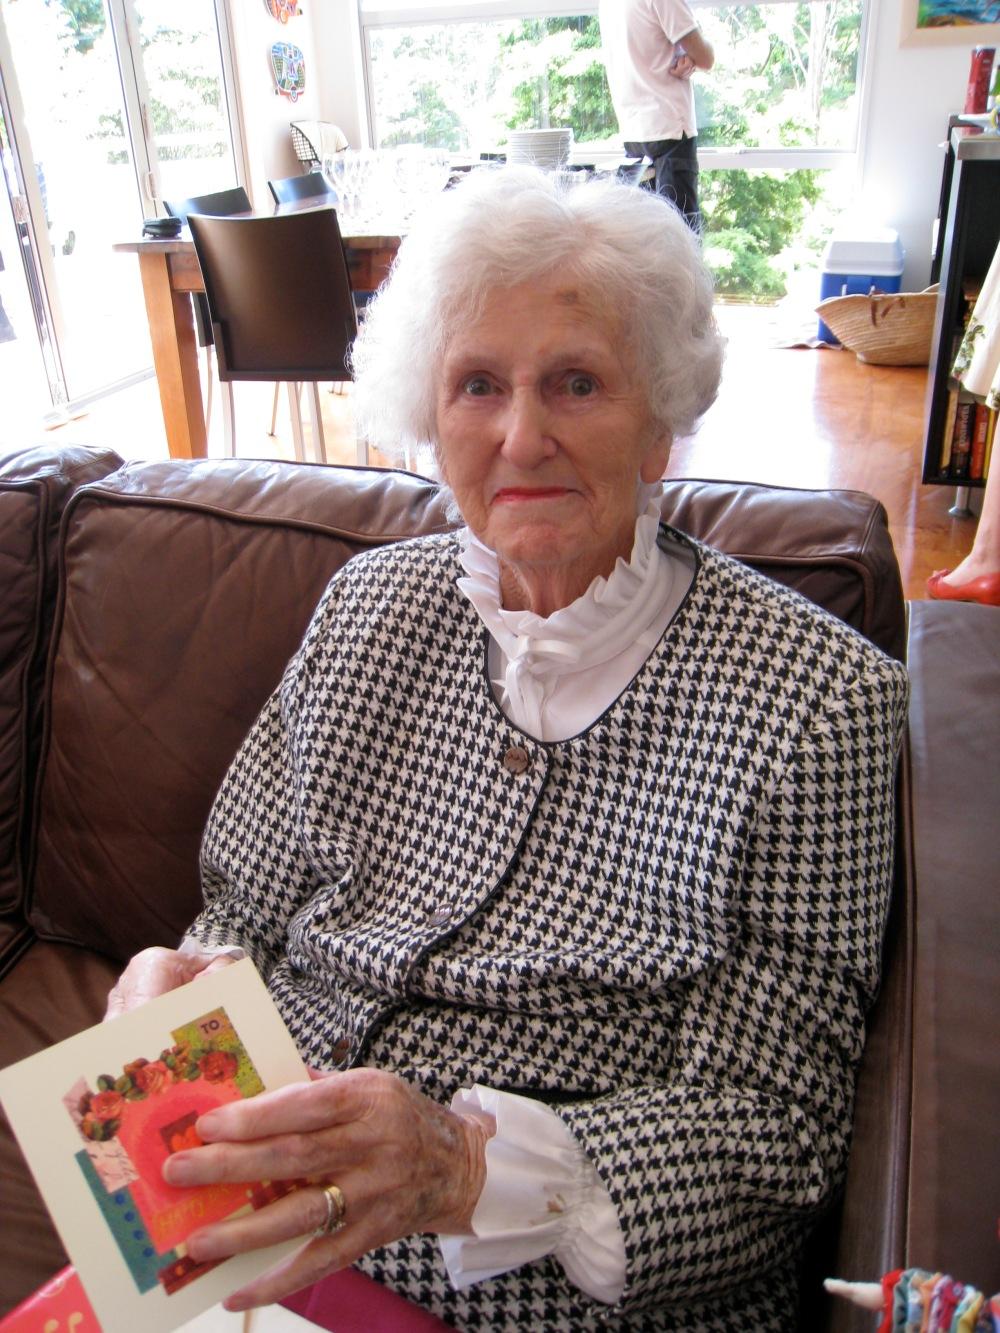 Frances Thelma Whitehead turns 90